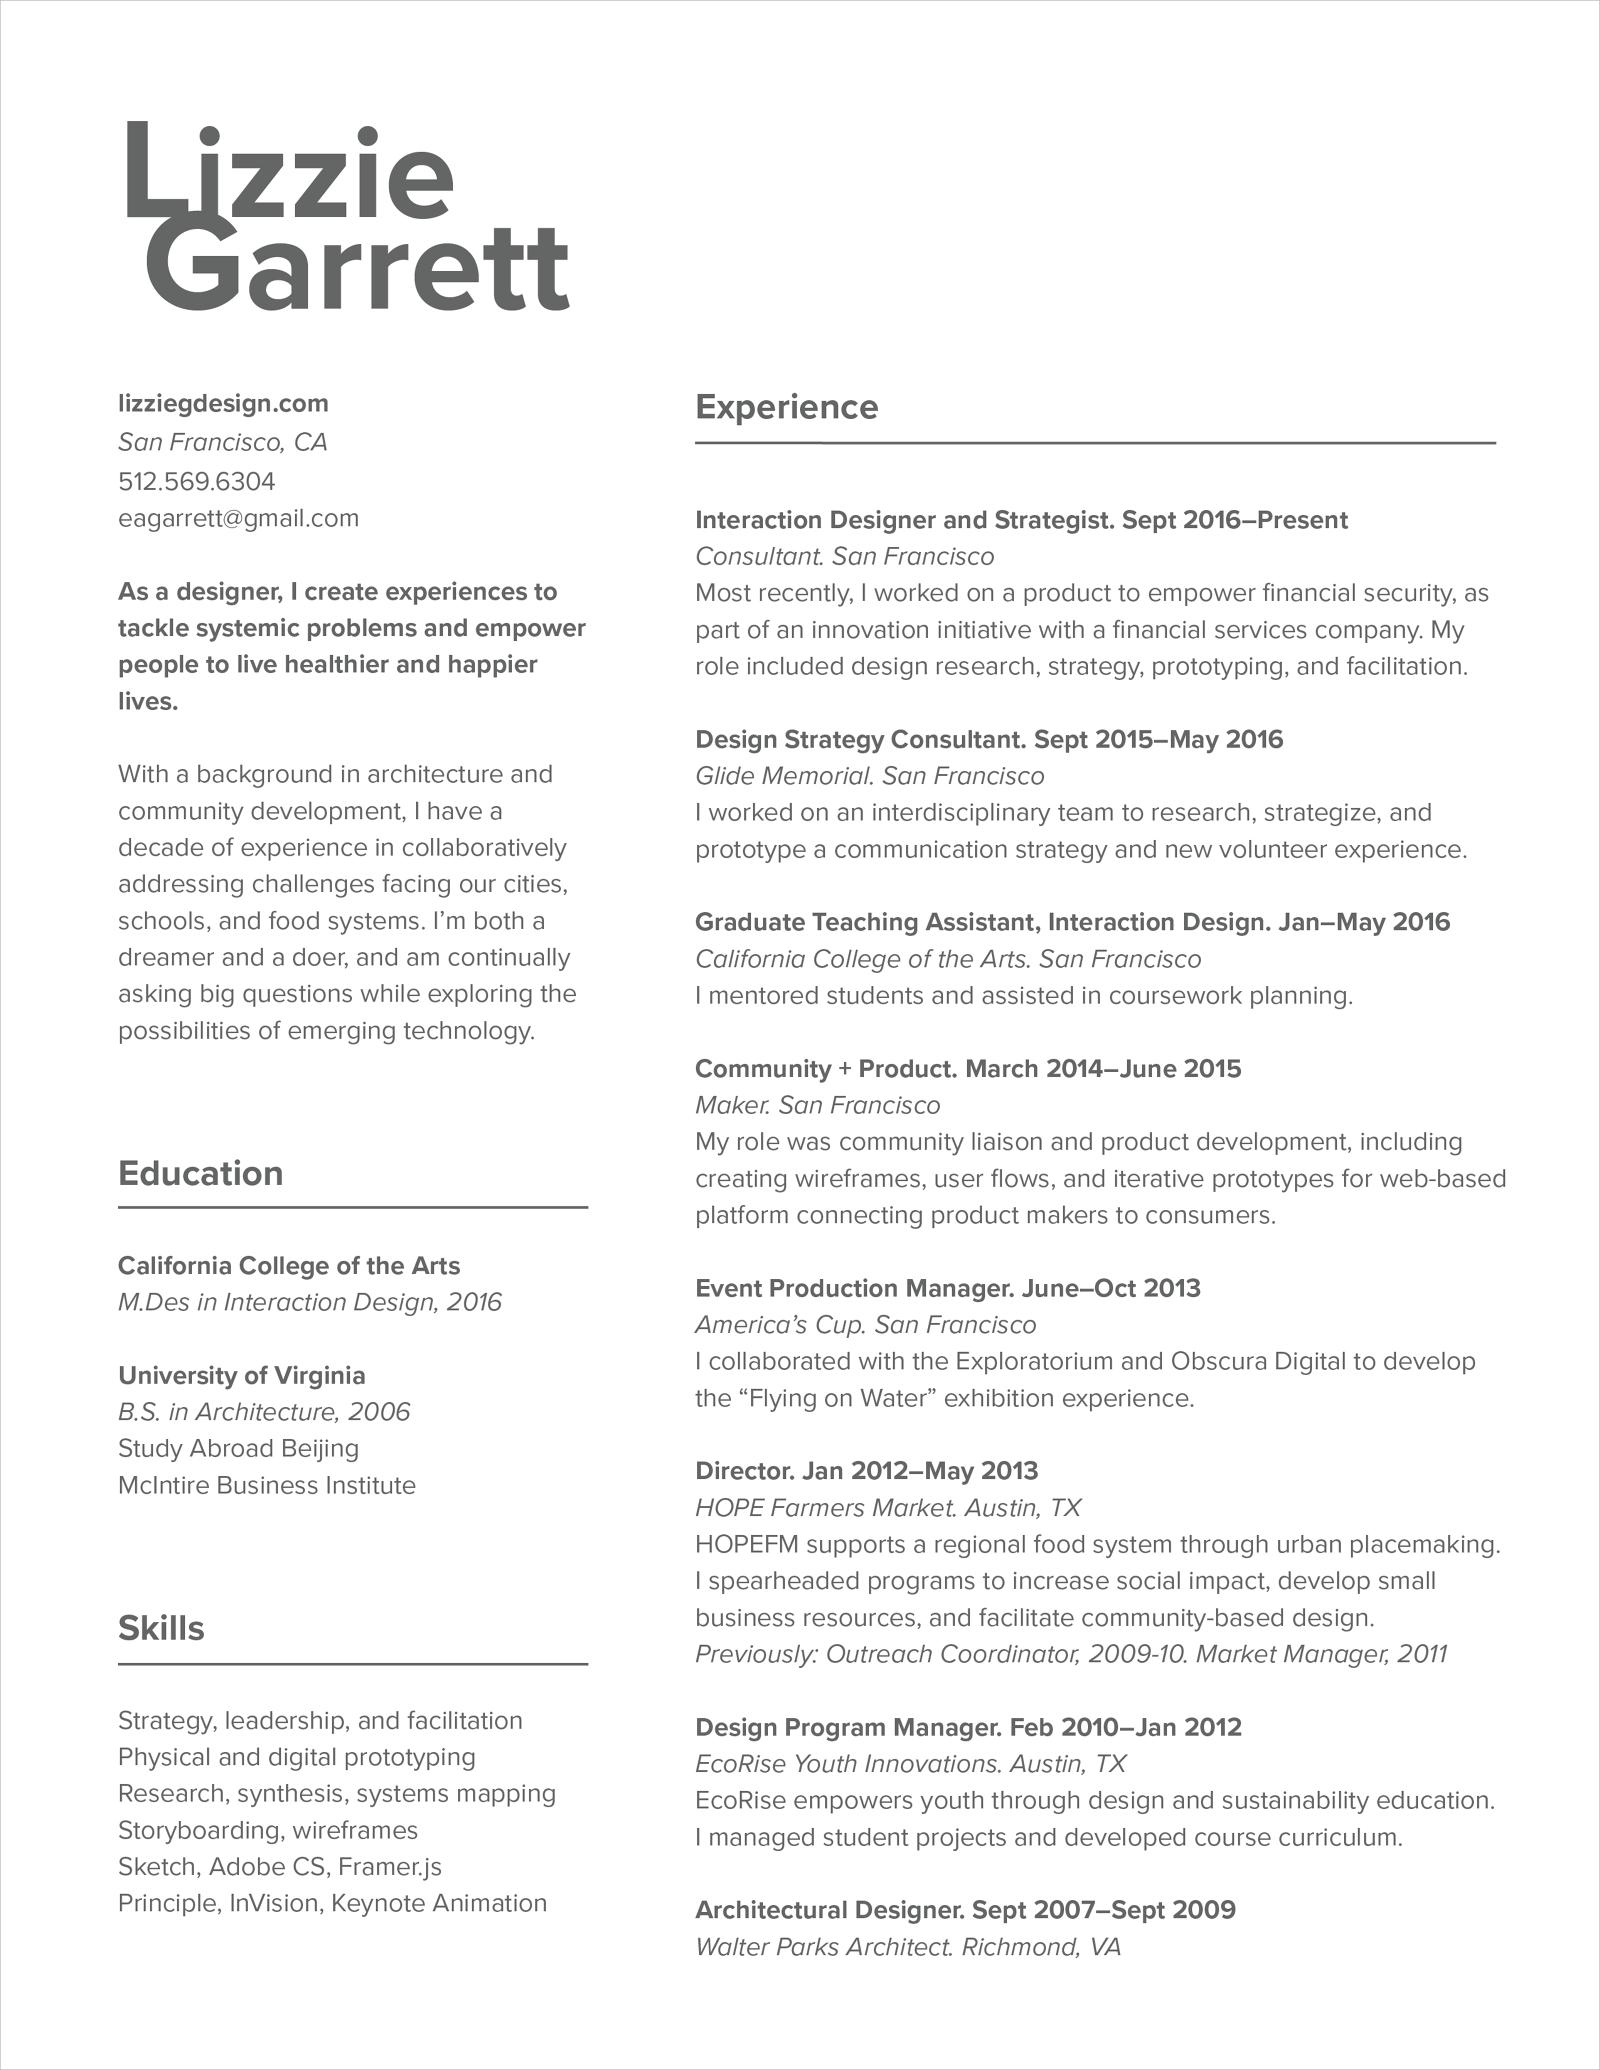 Resume Lizzie Garrett